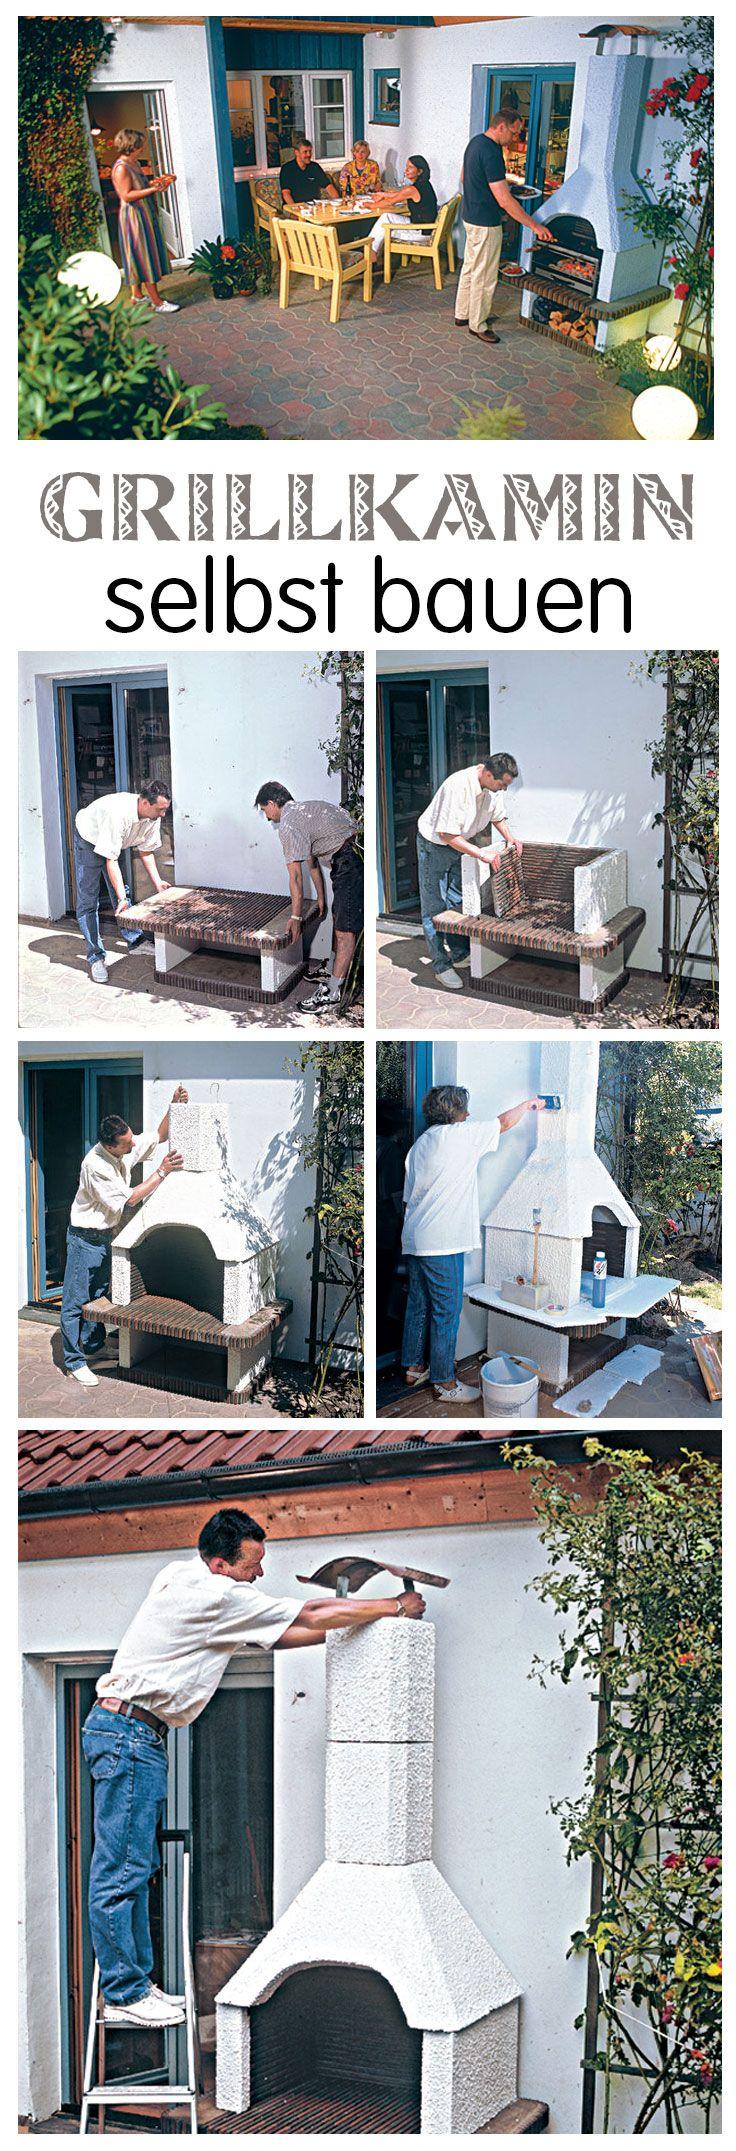 Die 25+ Besten Ideen Zu Grillkamin Selber Bauen Auf Pinterest ... Gartenkamin Bauen Ideen Terrasse